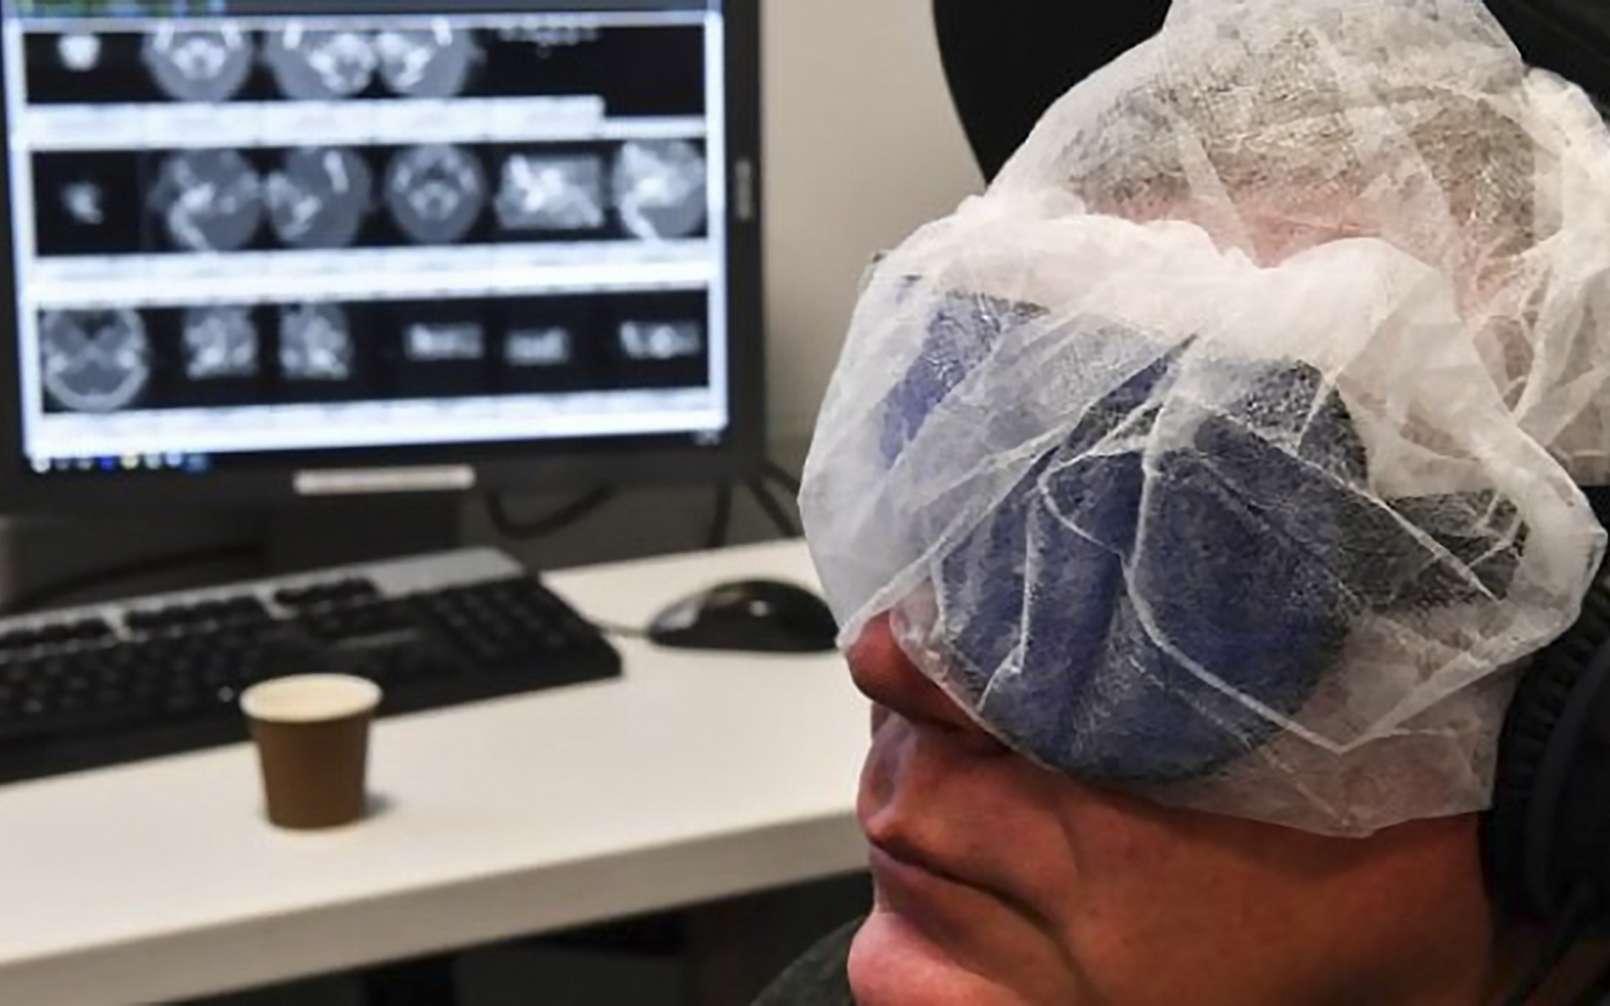 Un dispositif d'hypnose connecté en test au CHU de Lille visant à réduire le stress lors d'interventions jugées délicates. © Denis Charlet, AFP